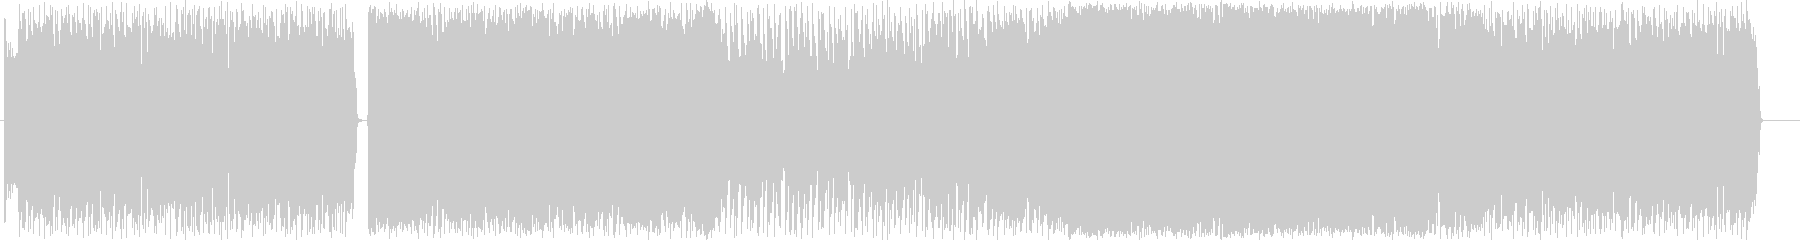 ニヒルで謎めいたキャラなイメージの未再生の波形